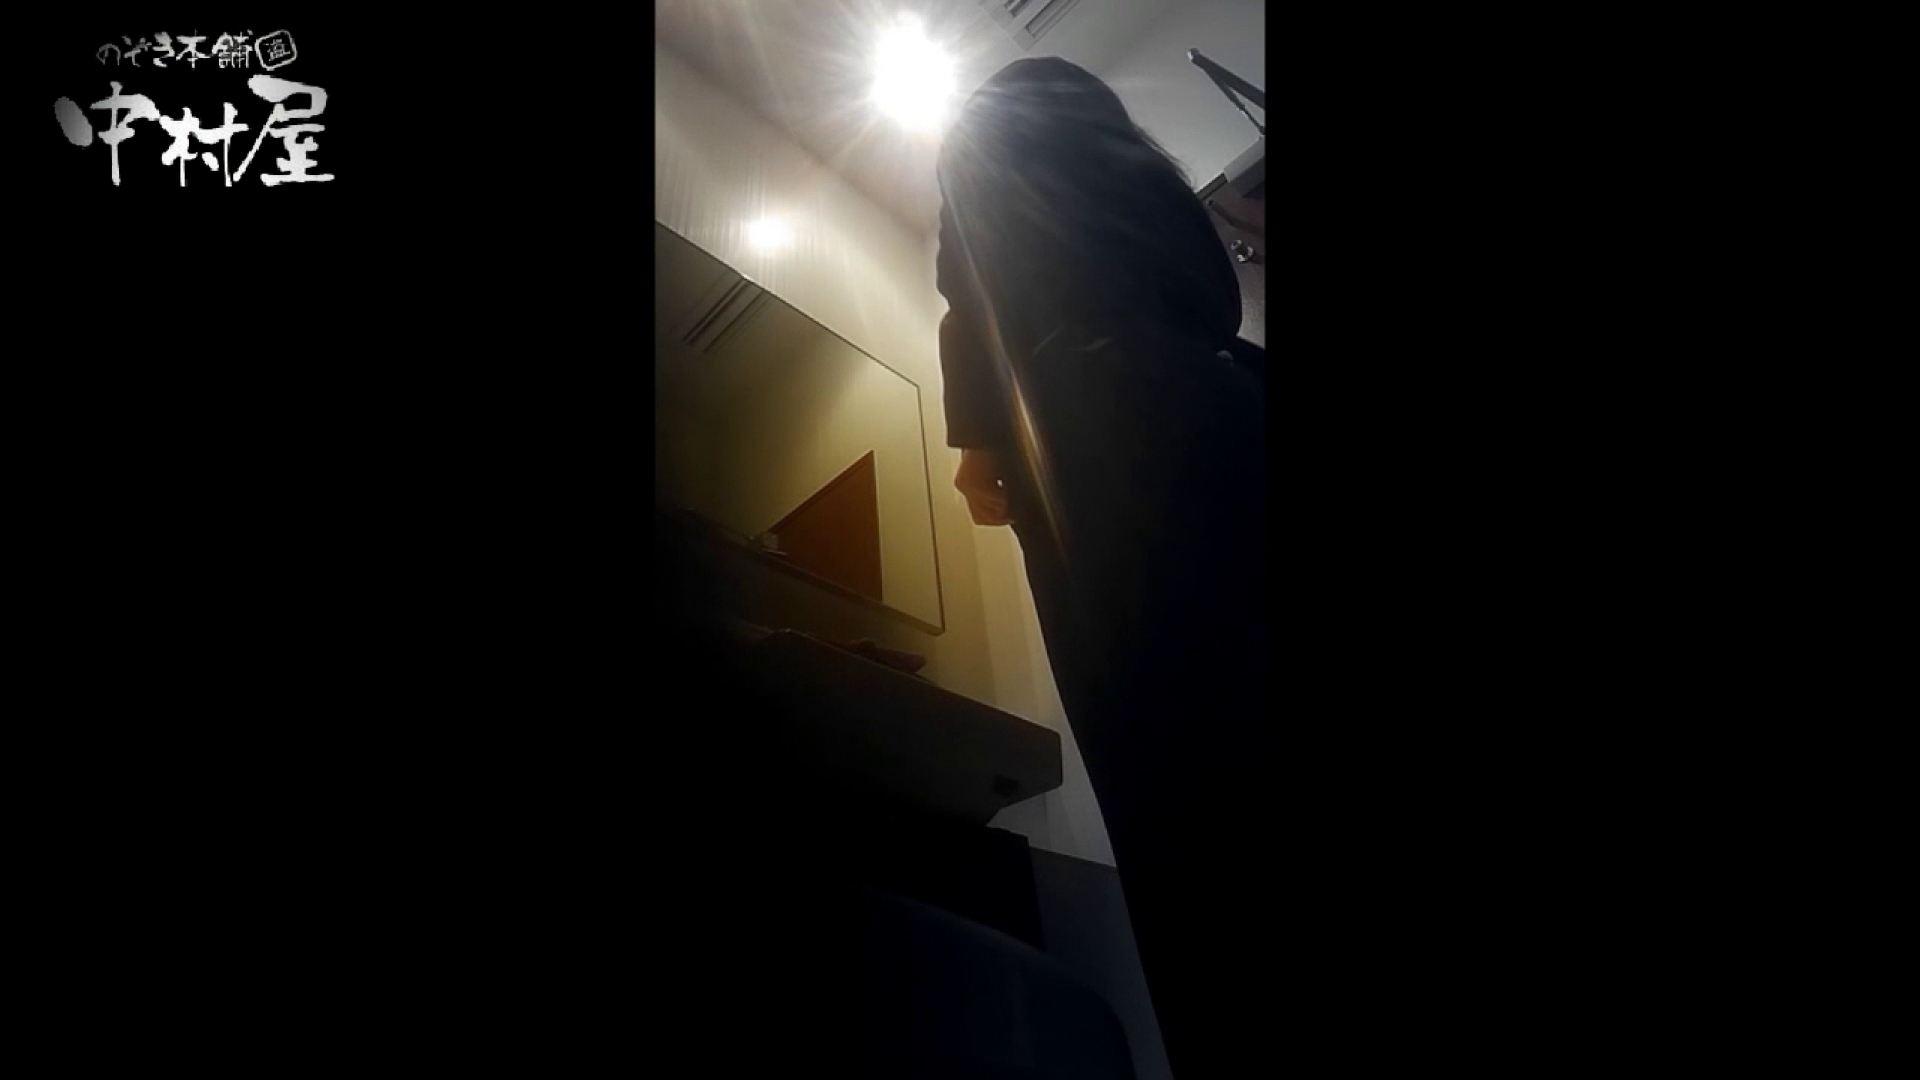 高画質トイレ盗撮vol.15 OL女体 盗み撮り動画キャプチャ 96連発 77